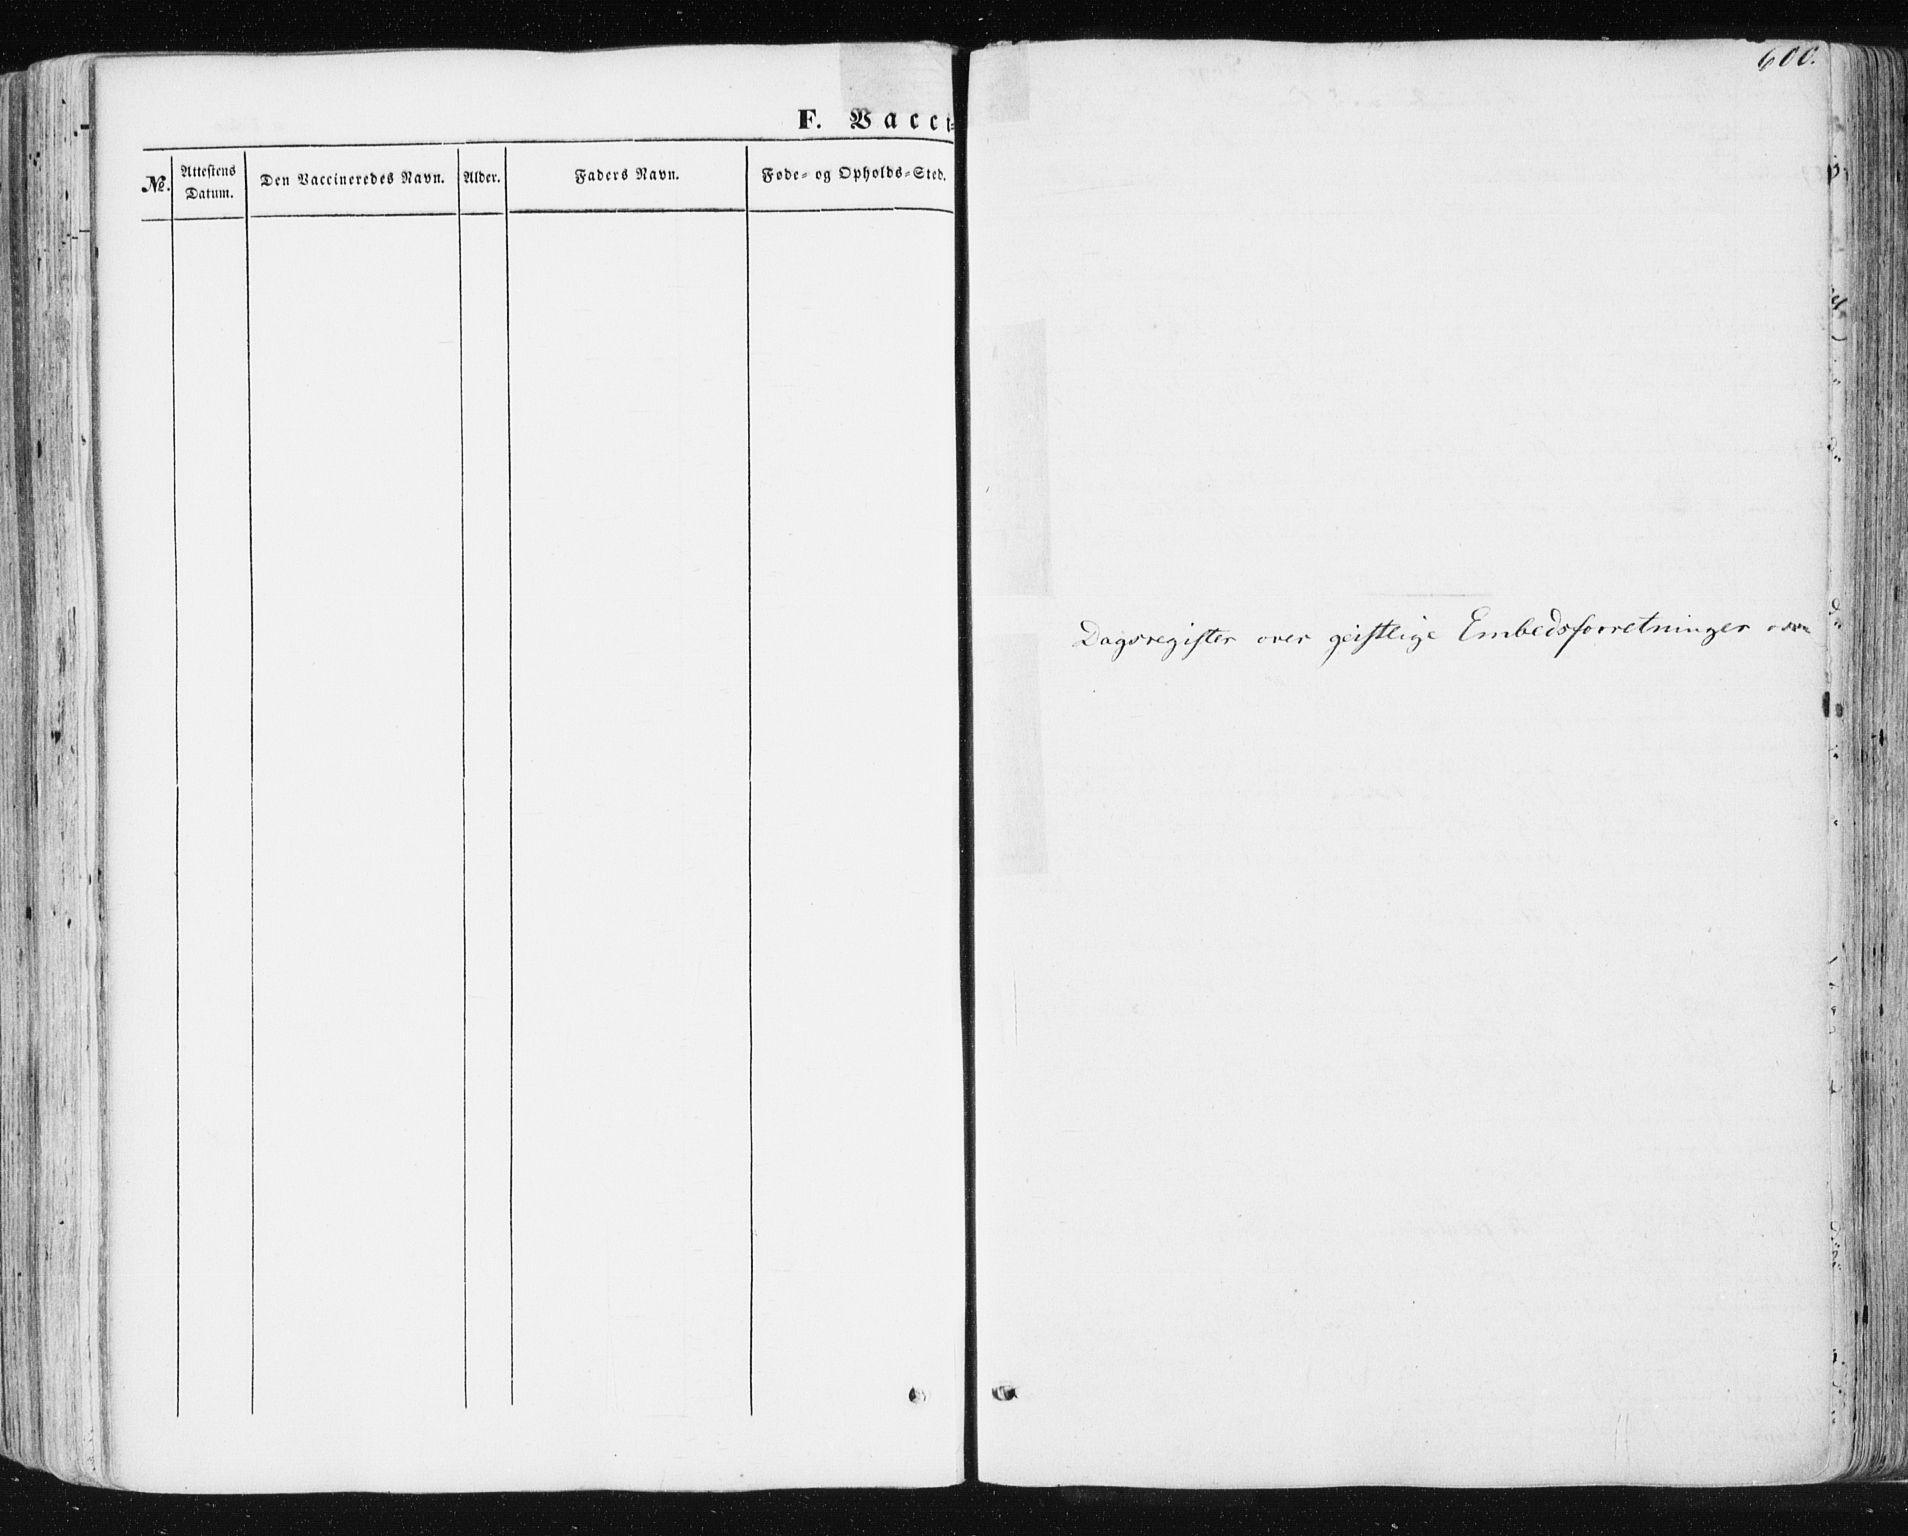 SAT, Ministerialprotokoller, klokkerbøker og fødselsregistre - Sør-Trøndelag, 678/L0899: Ministerialbok nr. 678A08, 1848-1872, s. 600